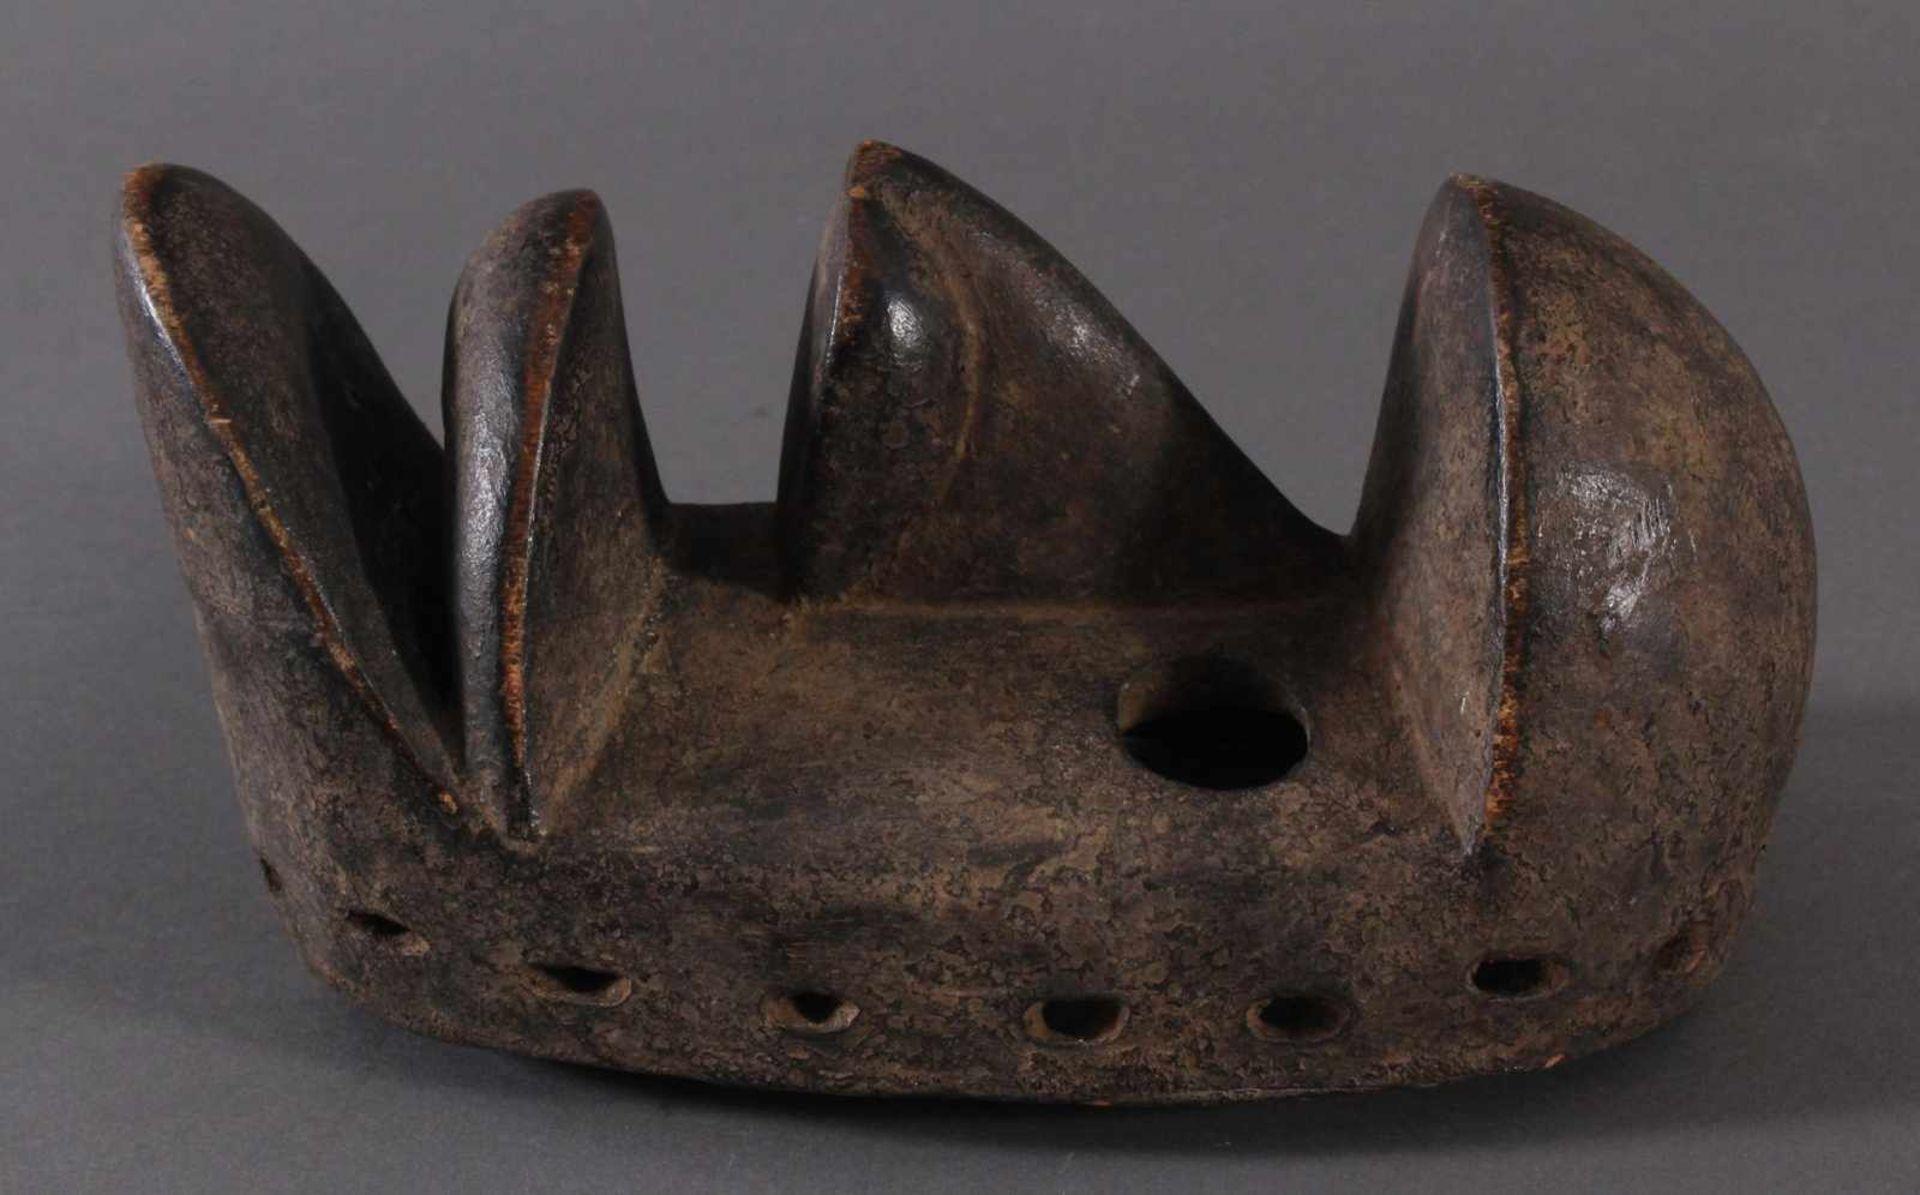 Antike Maske der Dan-Kran, Elfenbeinküste 1. Hälfte 20. Jh.Holz geschnitzt, dunkle Patina ,nach - Bild 3 aus 6